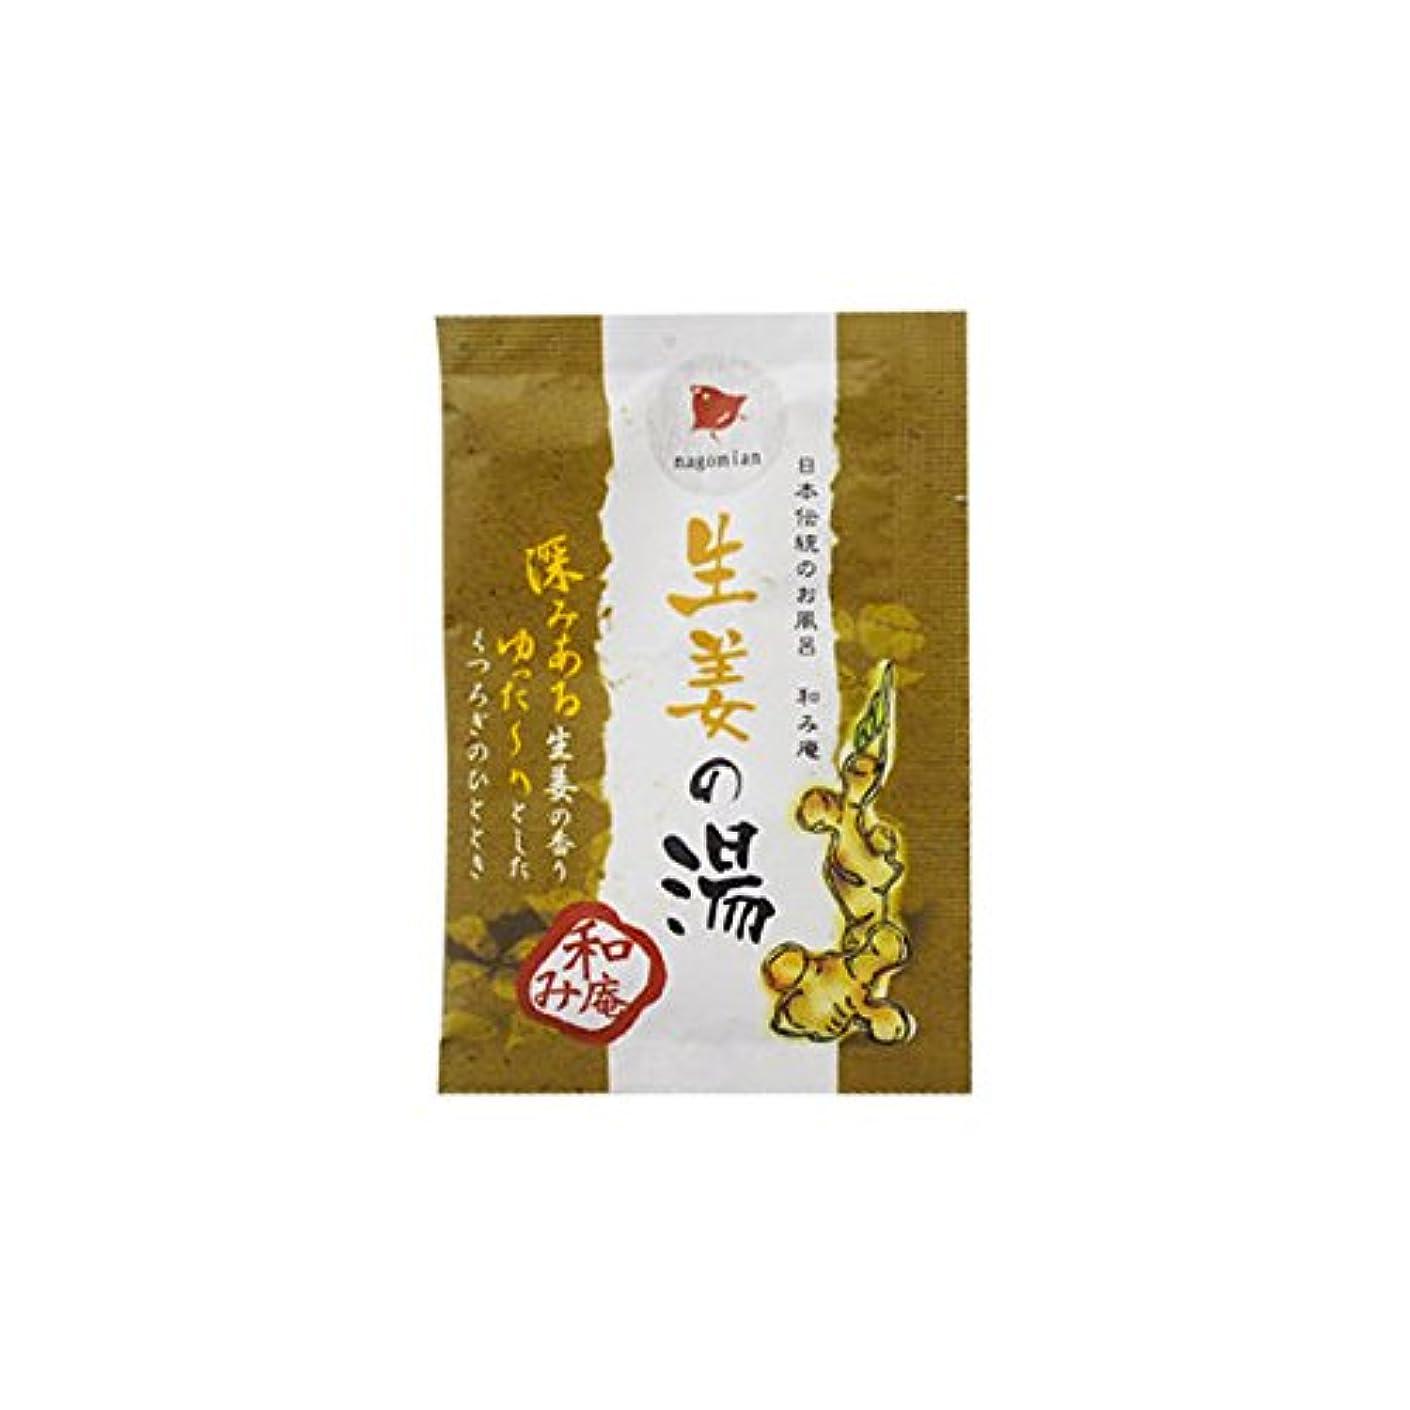 蜜翻訳バルセロナ和み庵 入浴剤 「生姜の湯」30個